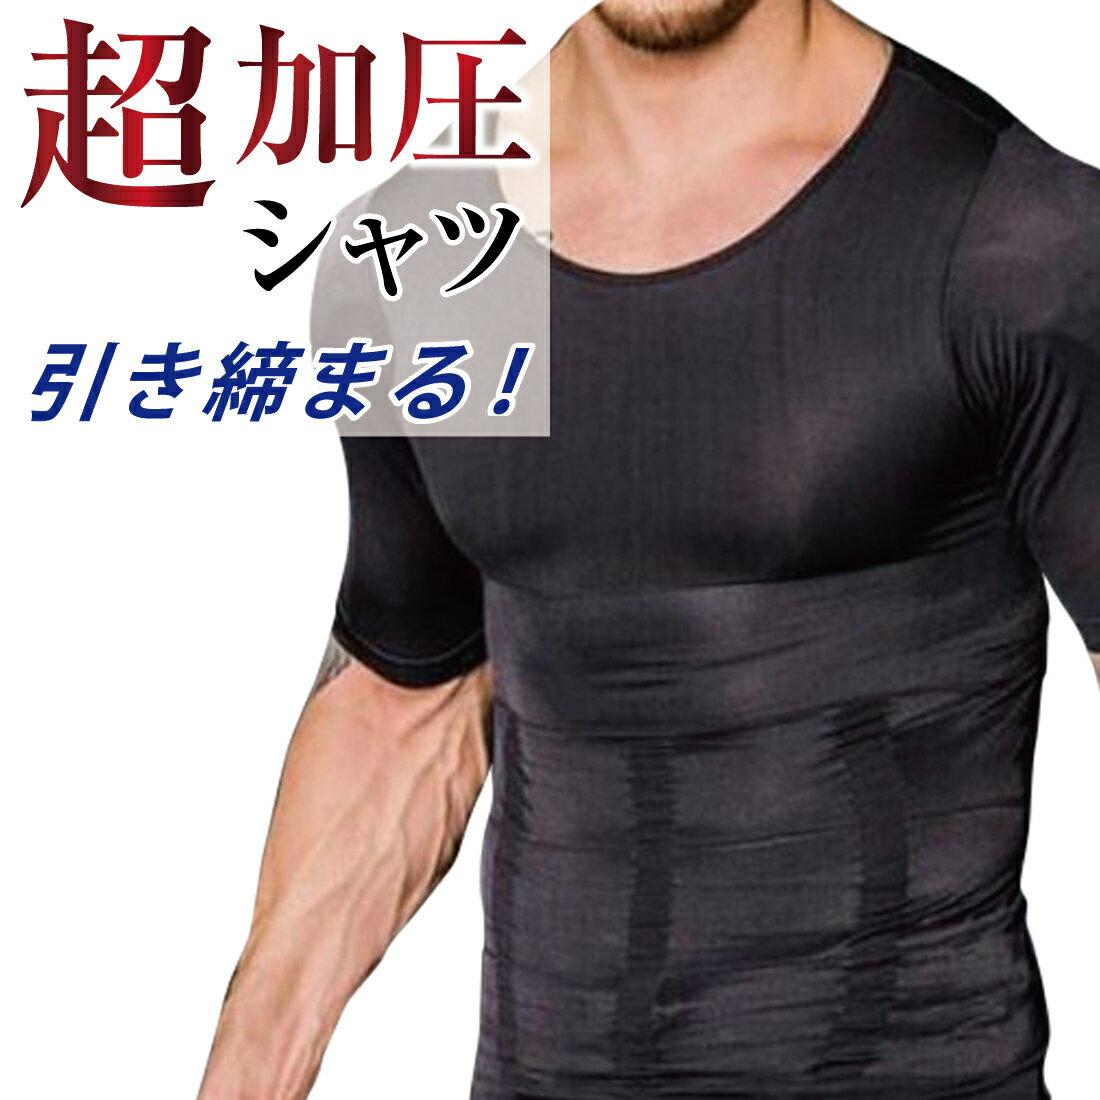 加圧シャツ ダイエット 加圧インナー Tシャツ 半袖 トップス メンズ 着圧 補正下着 猫背 姿勢矯正